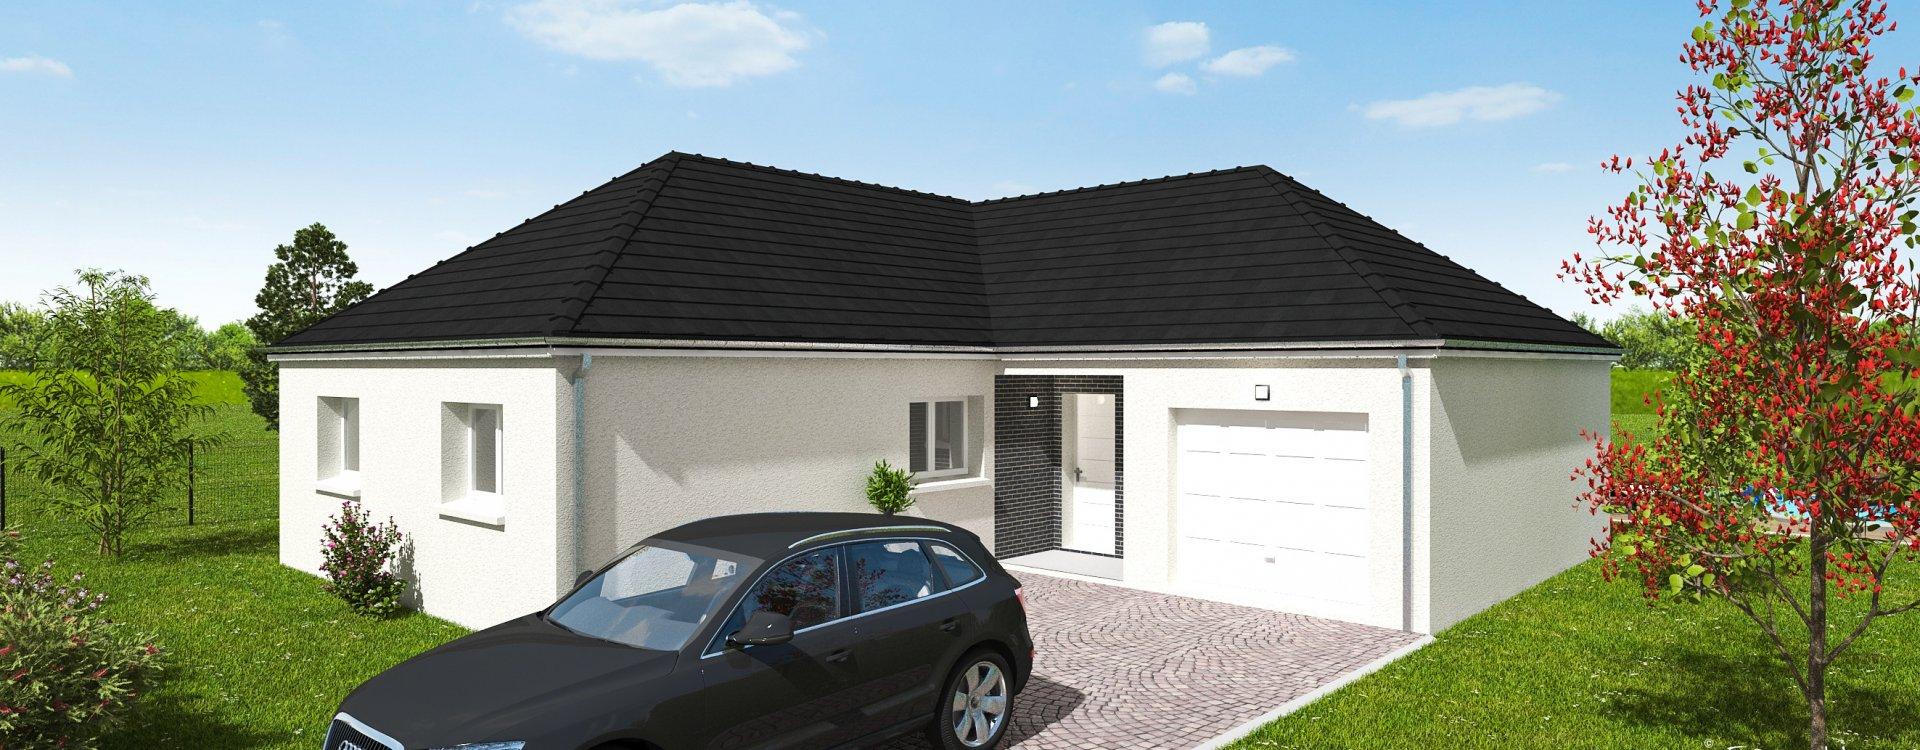 Maisons + Terrains du constructeur EASY HOUSE • 105 m² • SEMOY